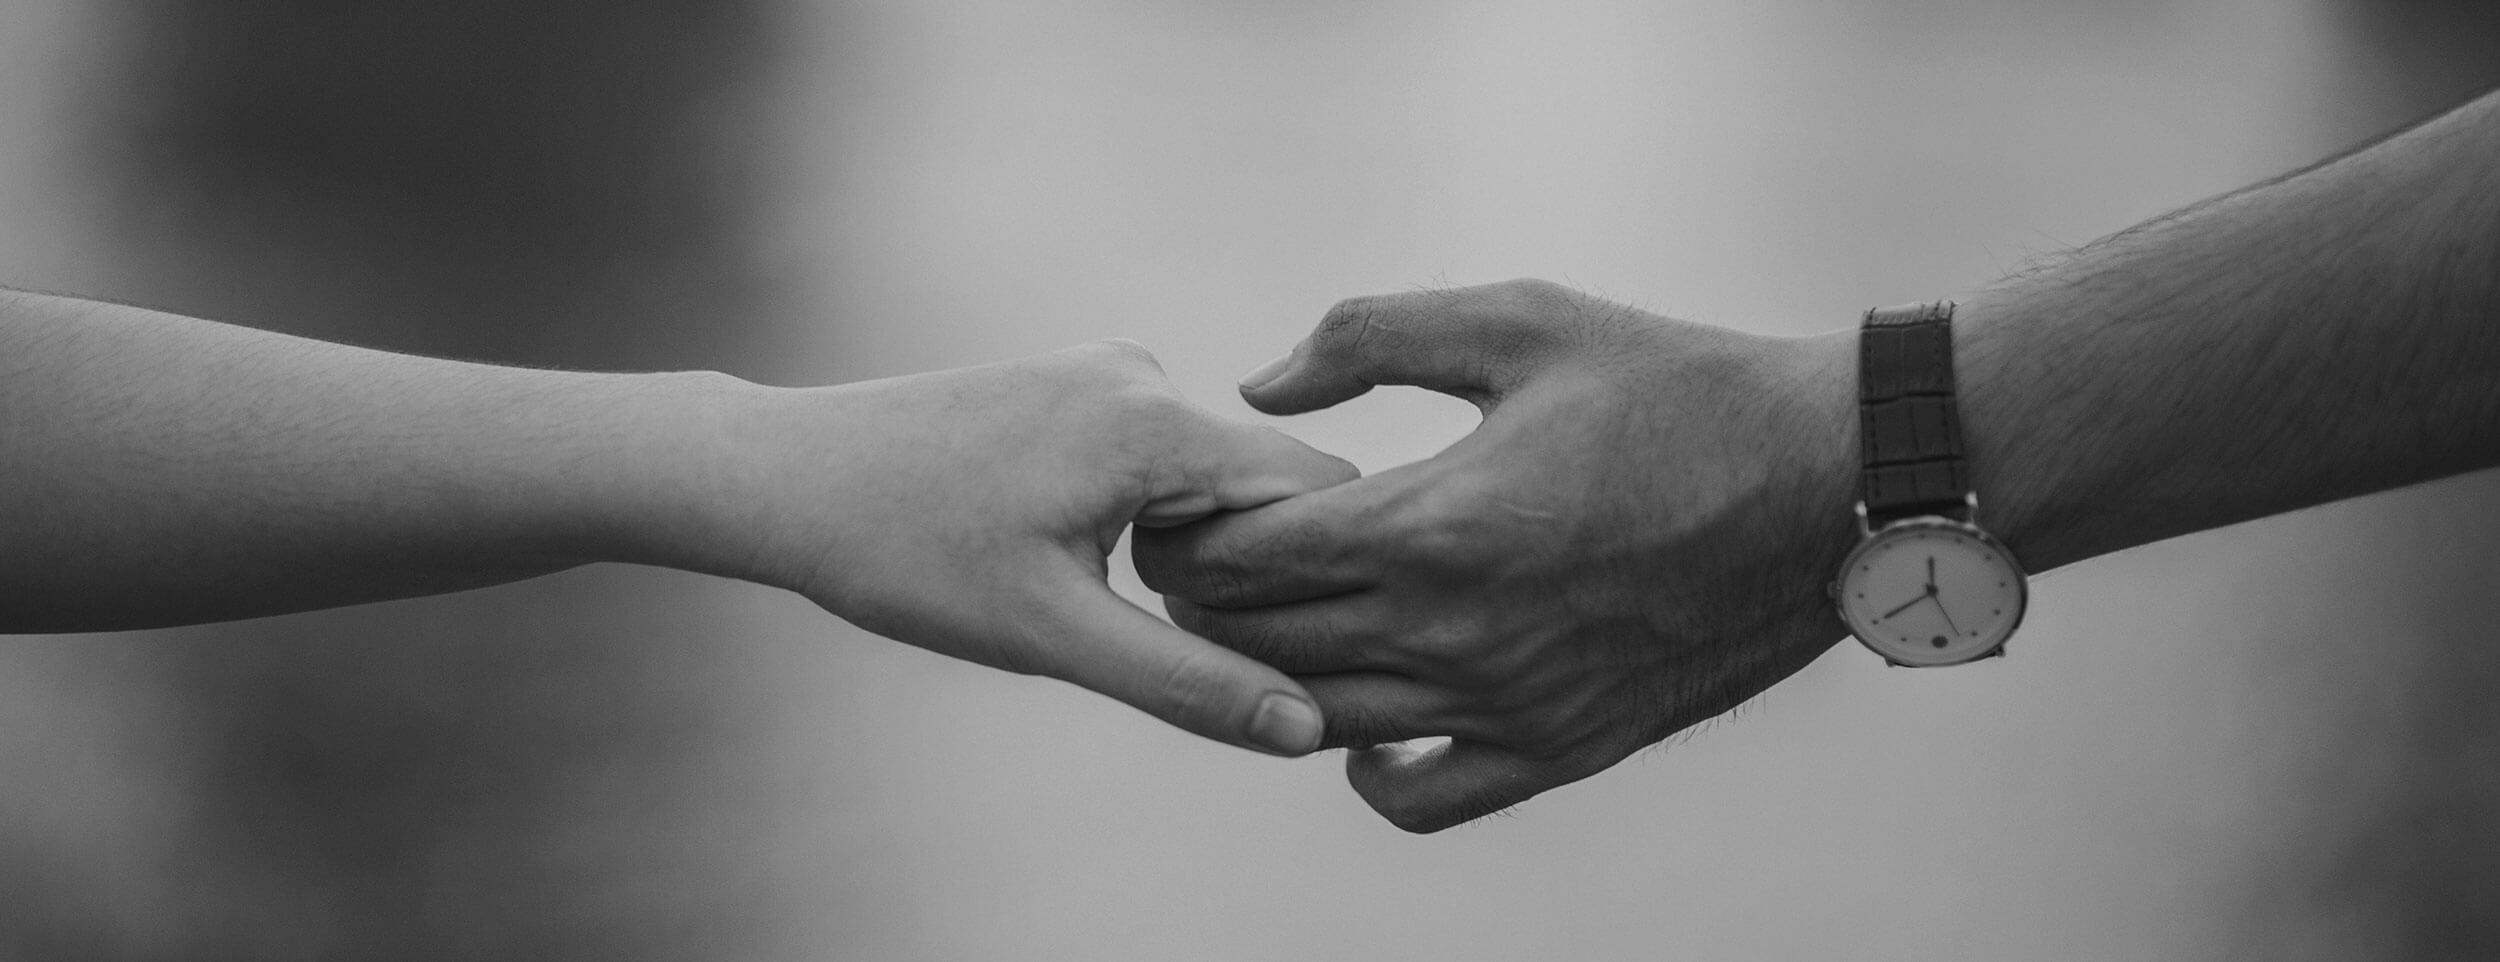 Manos en blanco y negro